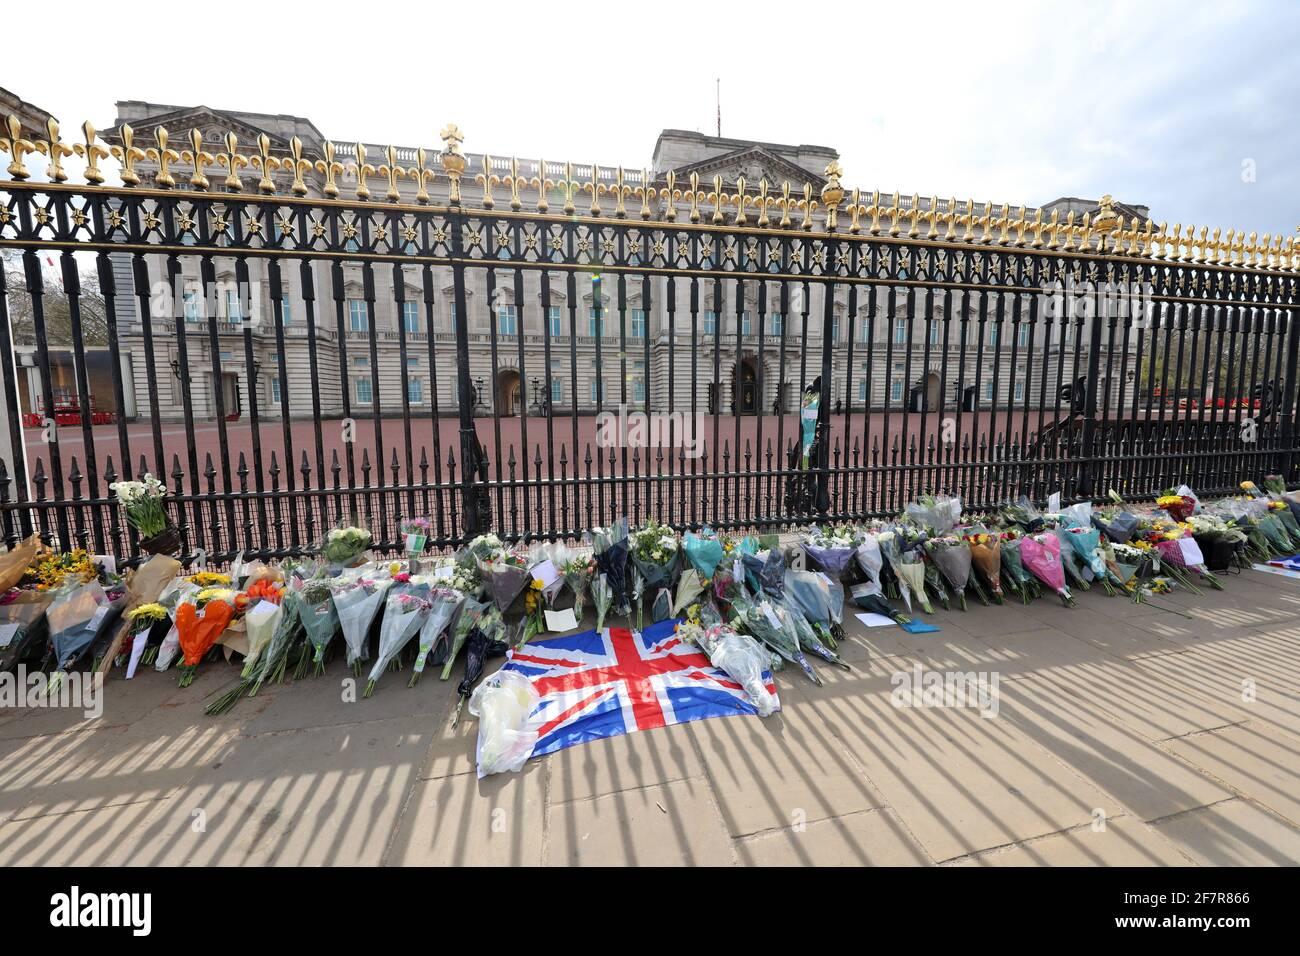 Londra, Regno Unito. 9 Apr 2021. Tributi floreali da parte della gente a Buckingham Palace dopo l'annuncio della morte del principe Filippo di credito: Paul Brown/Alamy Live News Foto Stock